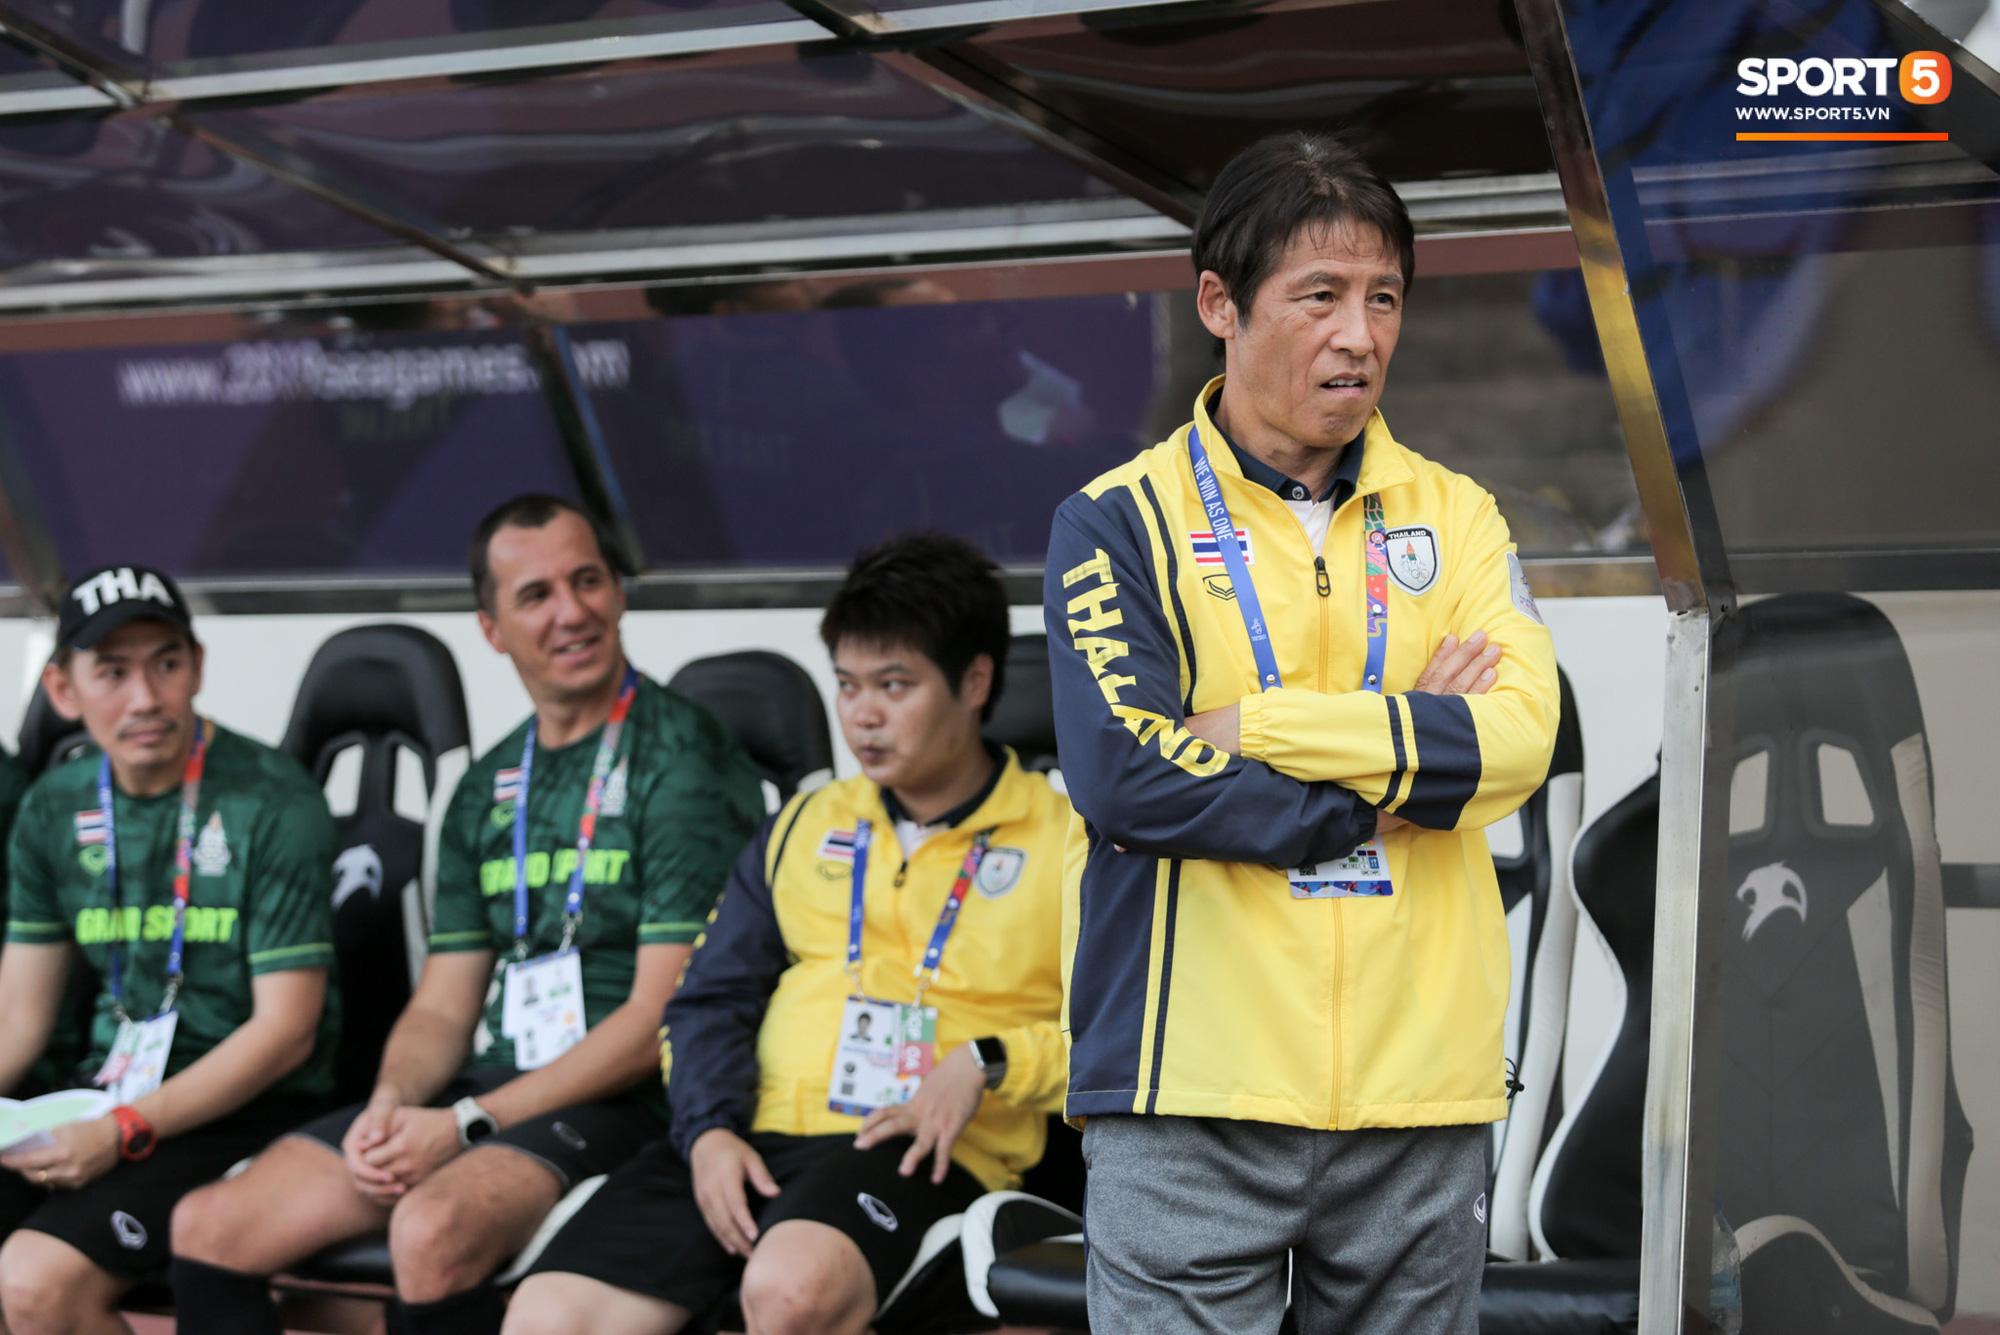 HLV U22 Thái Lan chủ động sang bắt tay thầy Park, hẹn phân thắng bại ở trận tiếp theo sau 3 lần toàn hoà - Ảnh 4.